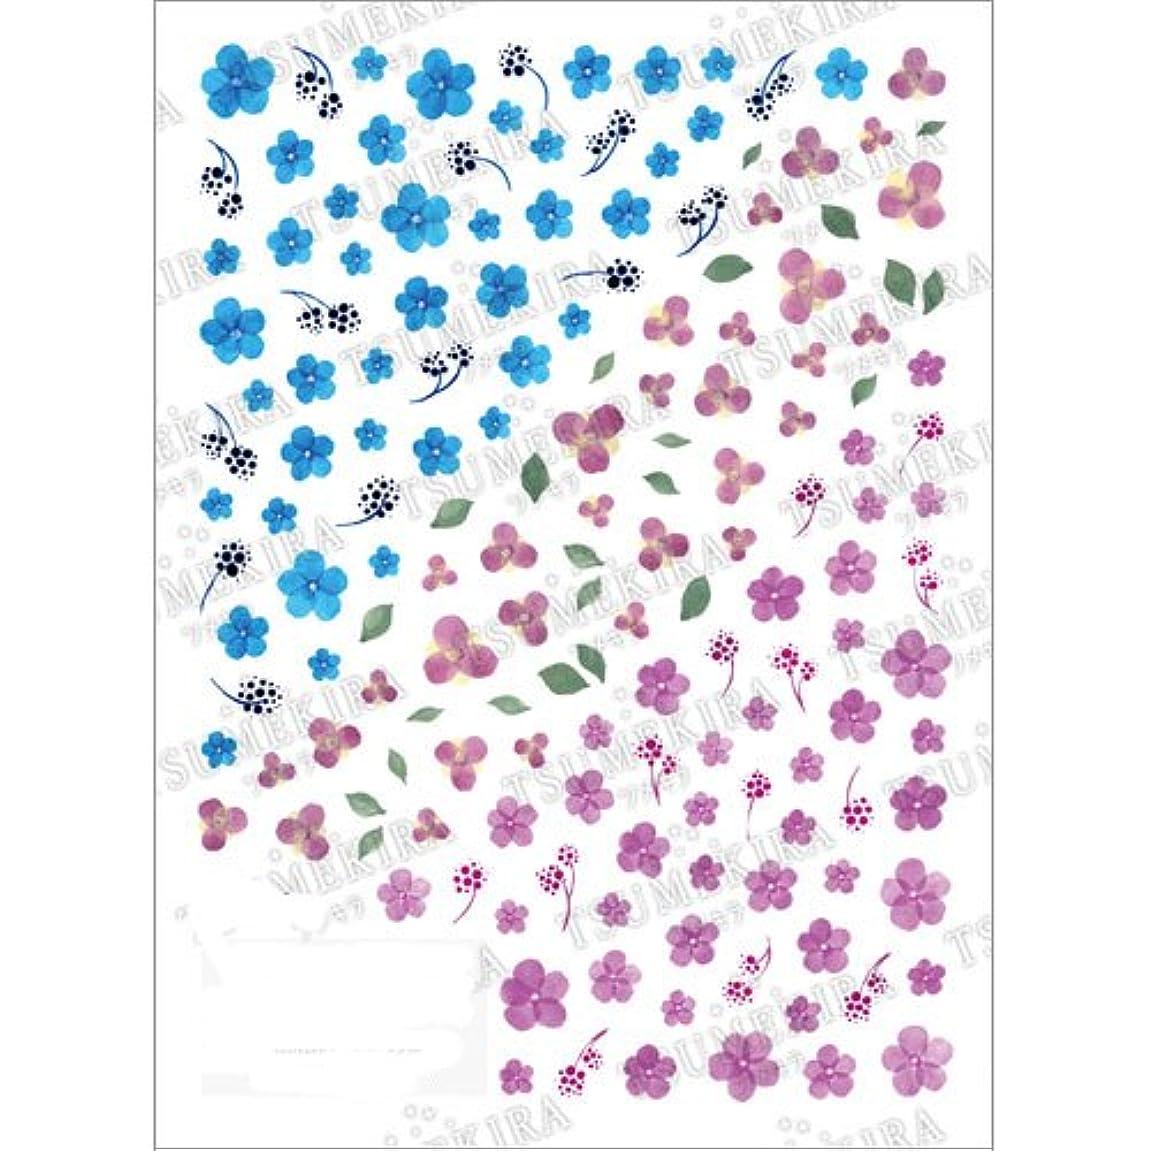 食堂貸し手ダイヤルツメキラ ネイル用シール 工藤恭子プロデュース3 水彩フラワー NN-PRD-703